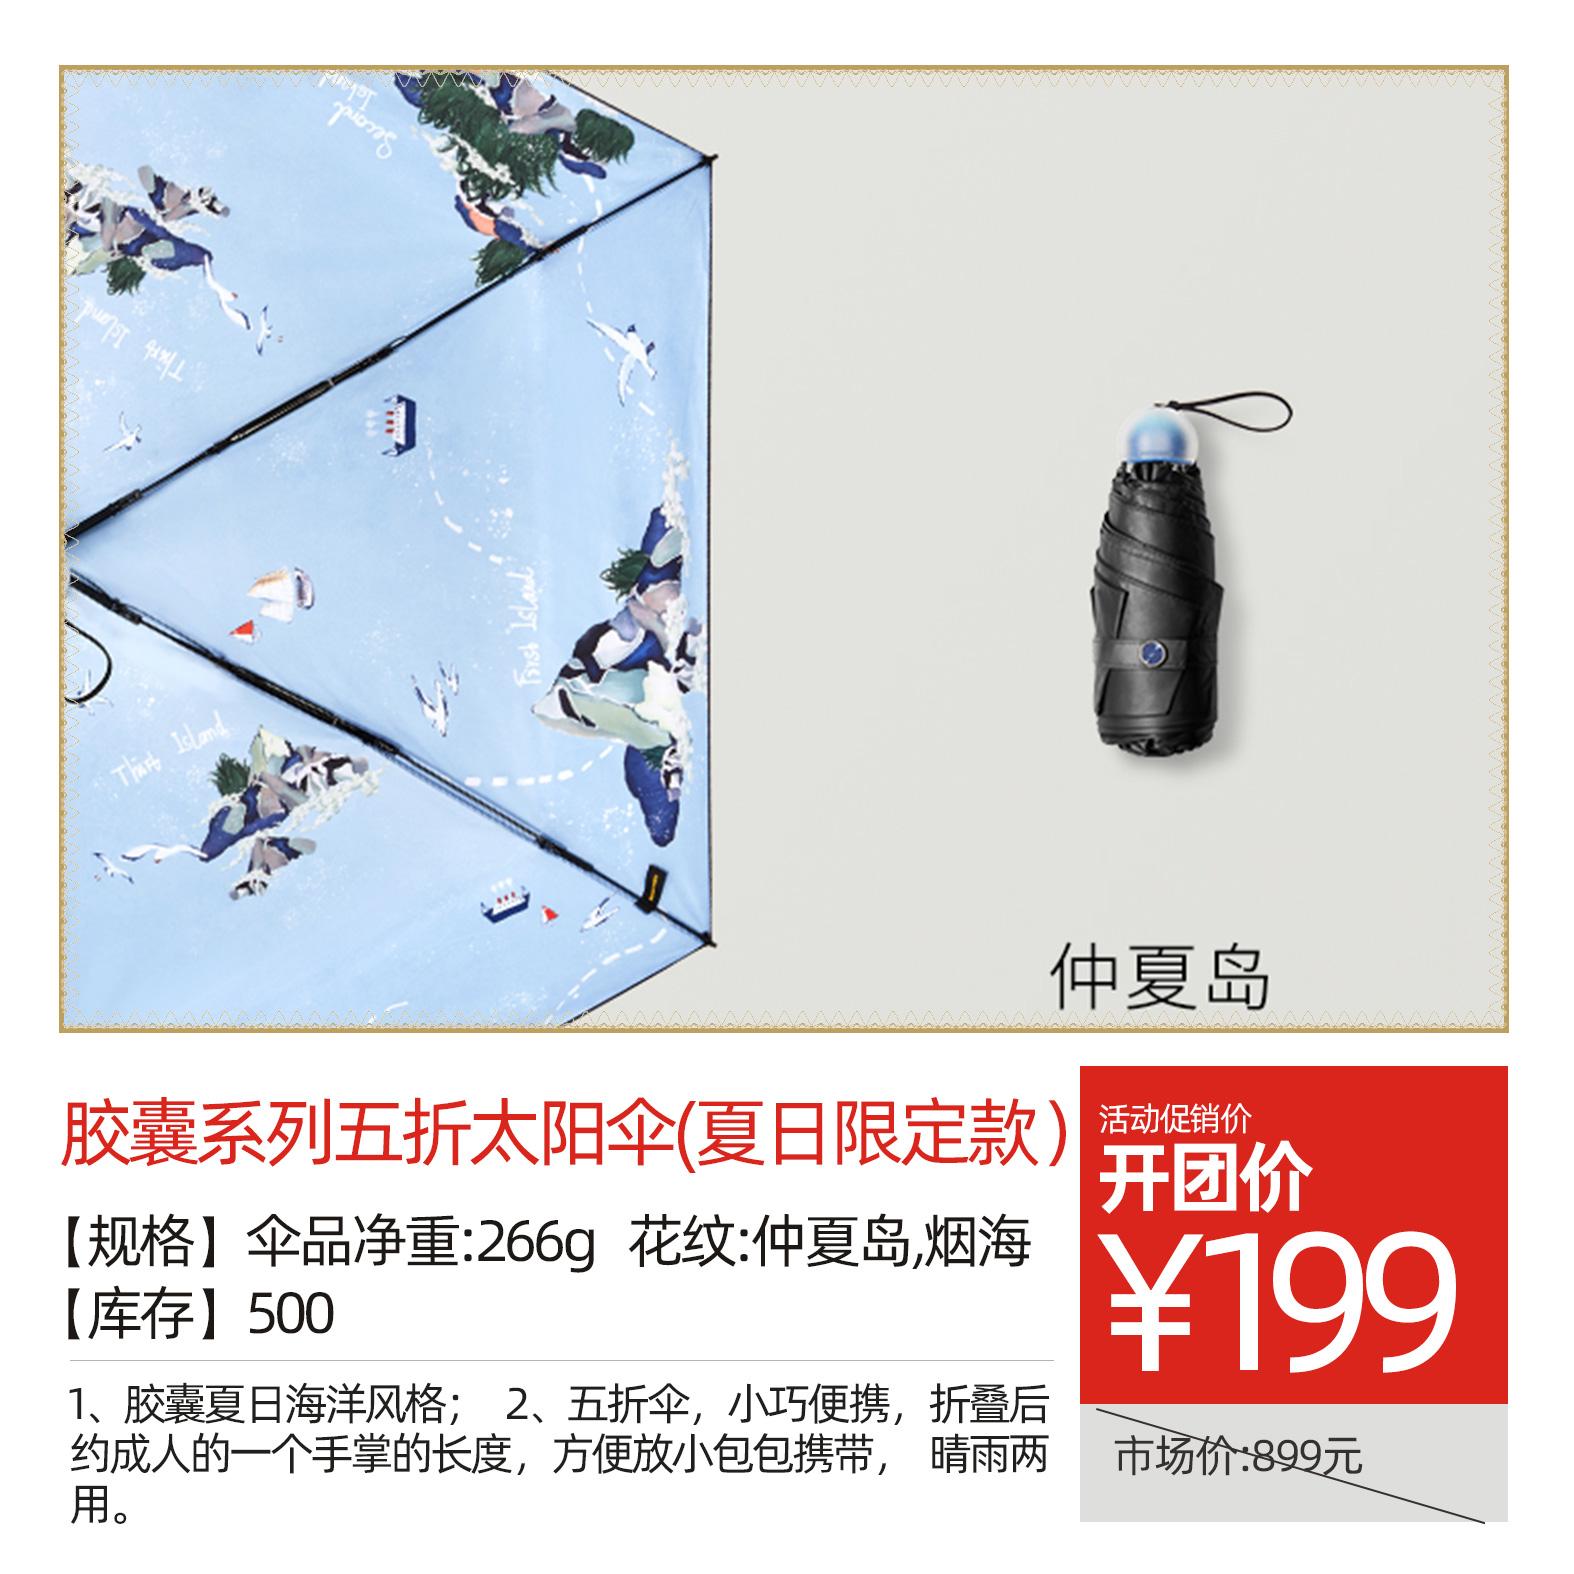 胶囊系列五折太阳伞(夏日限定款)